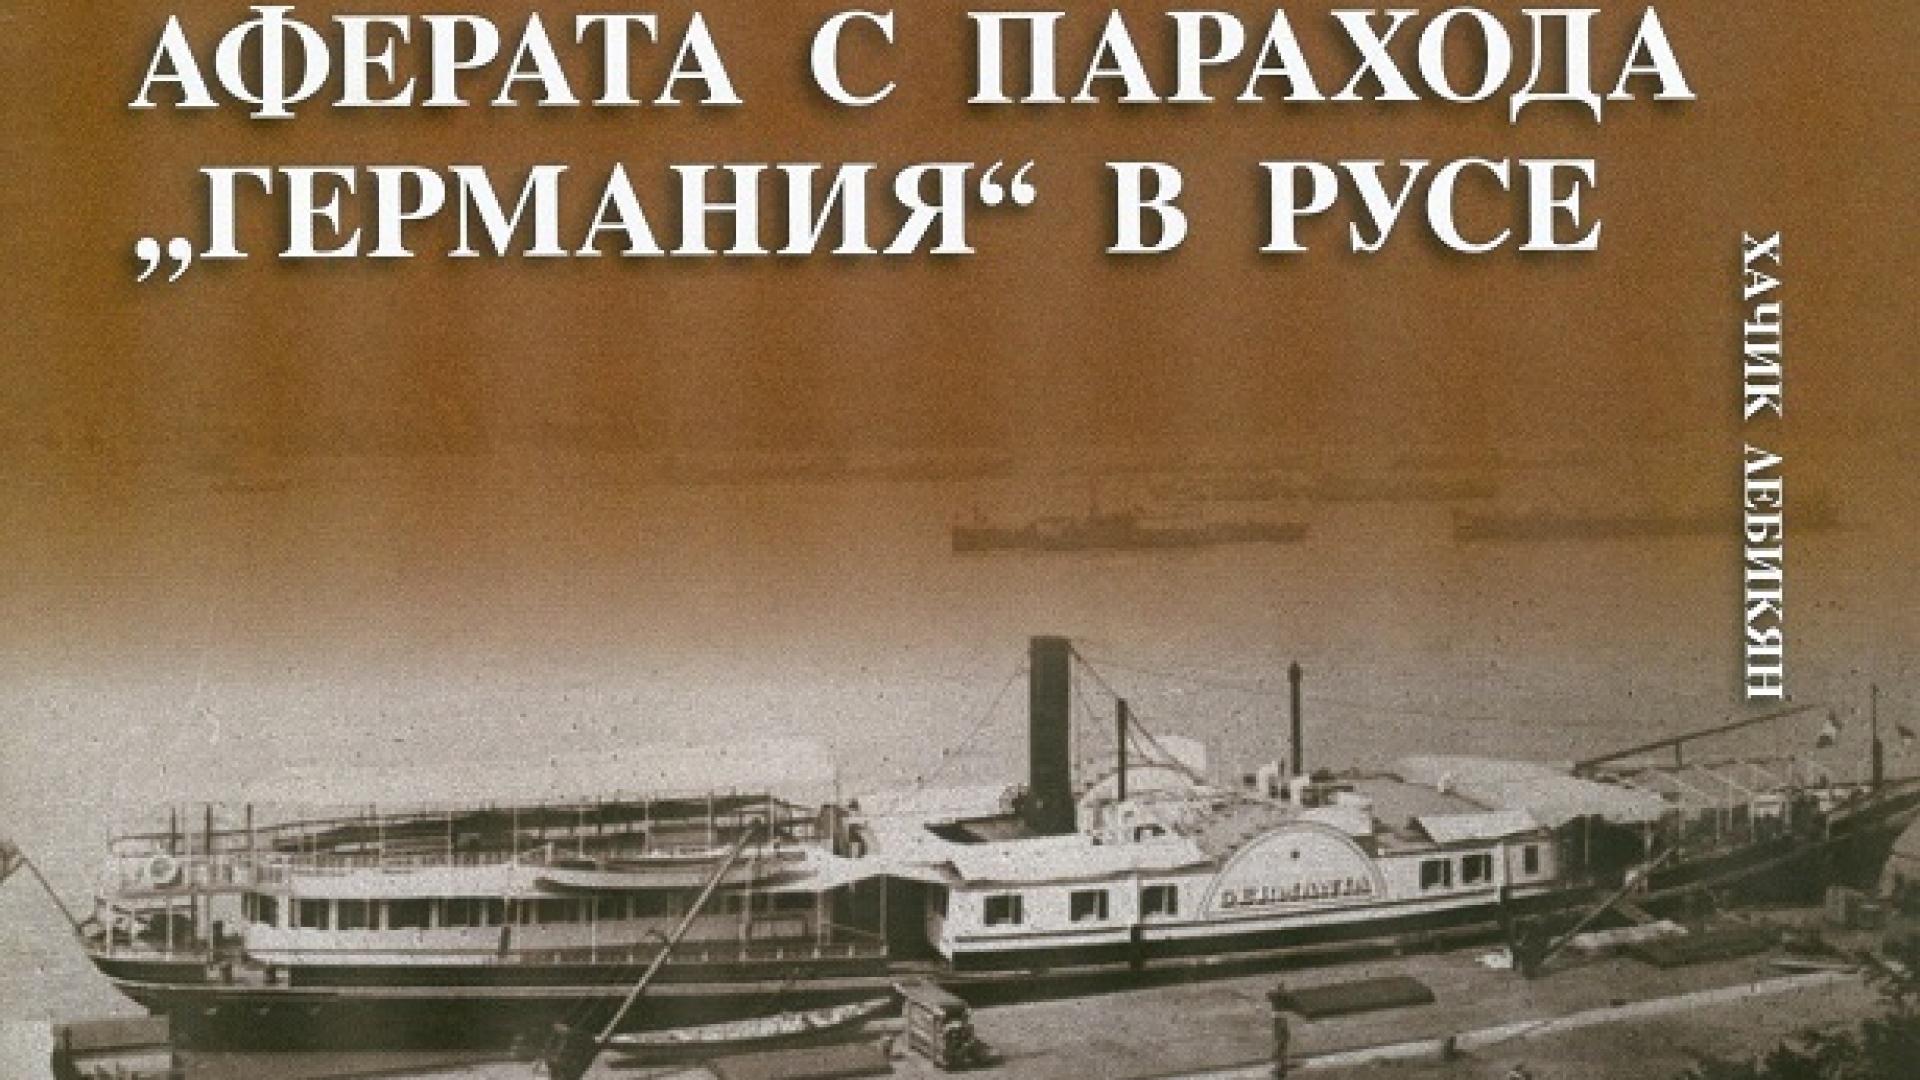 """Представяне на книгата на Хачик Лебикян """"Аферата с парахода """"Германия"""""""